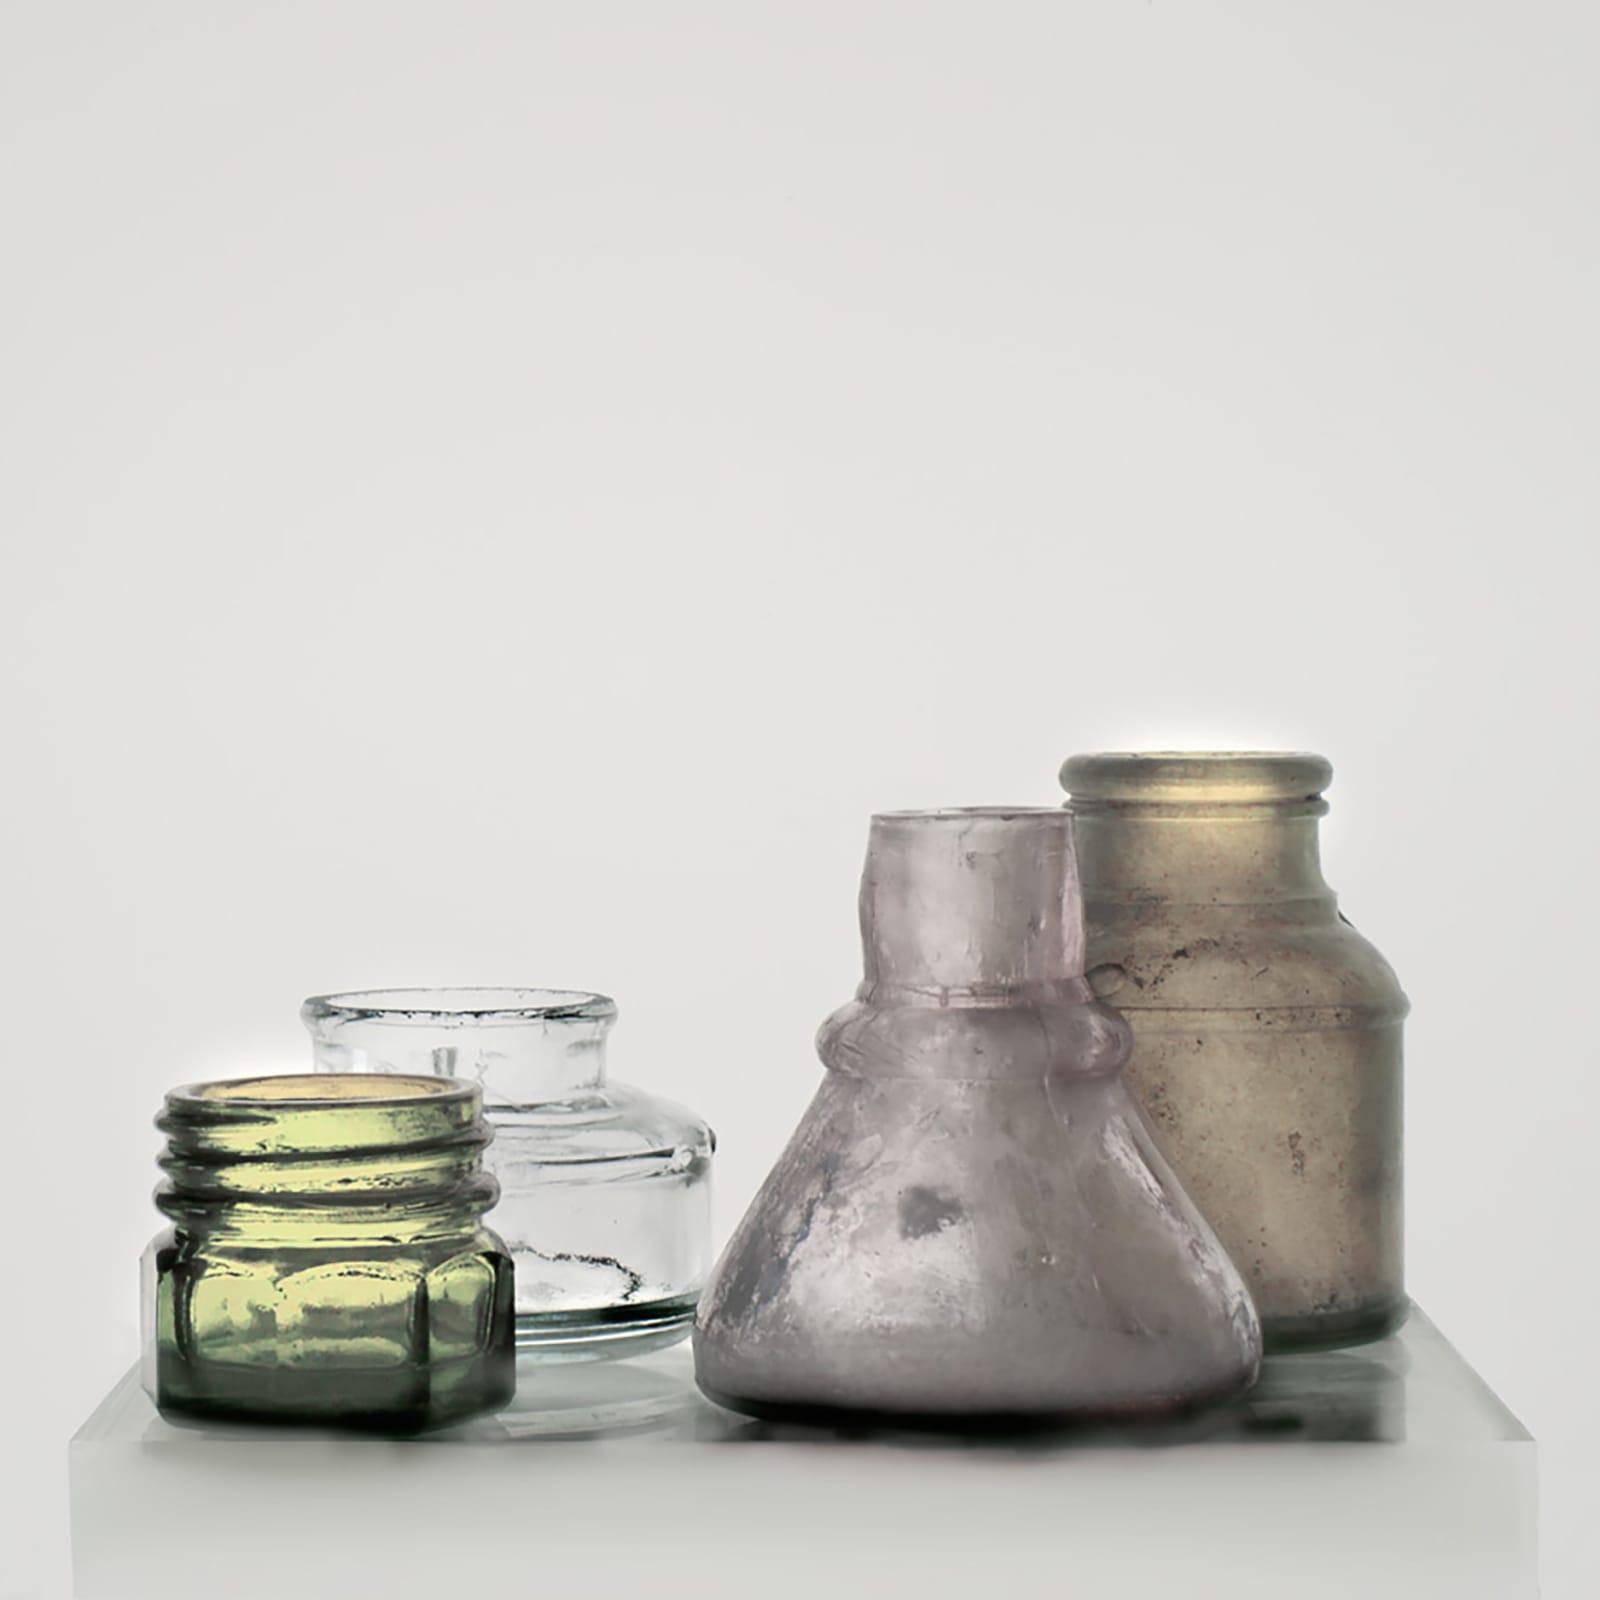 Roger Ricco, Small Bottles